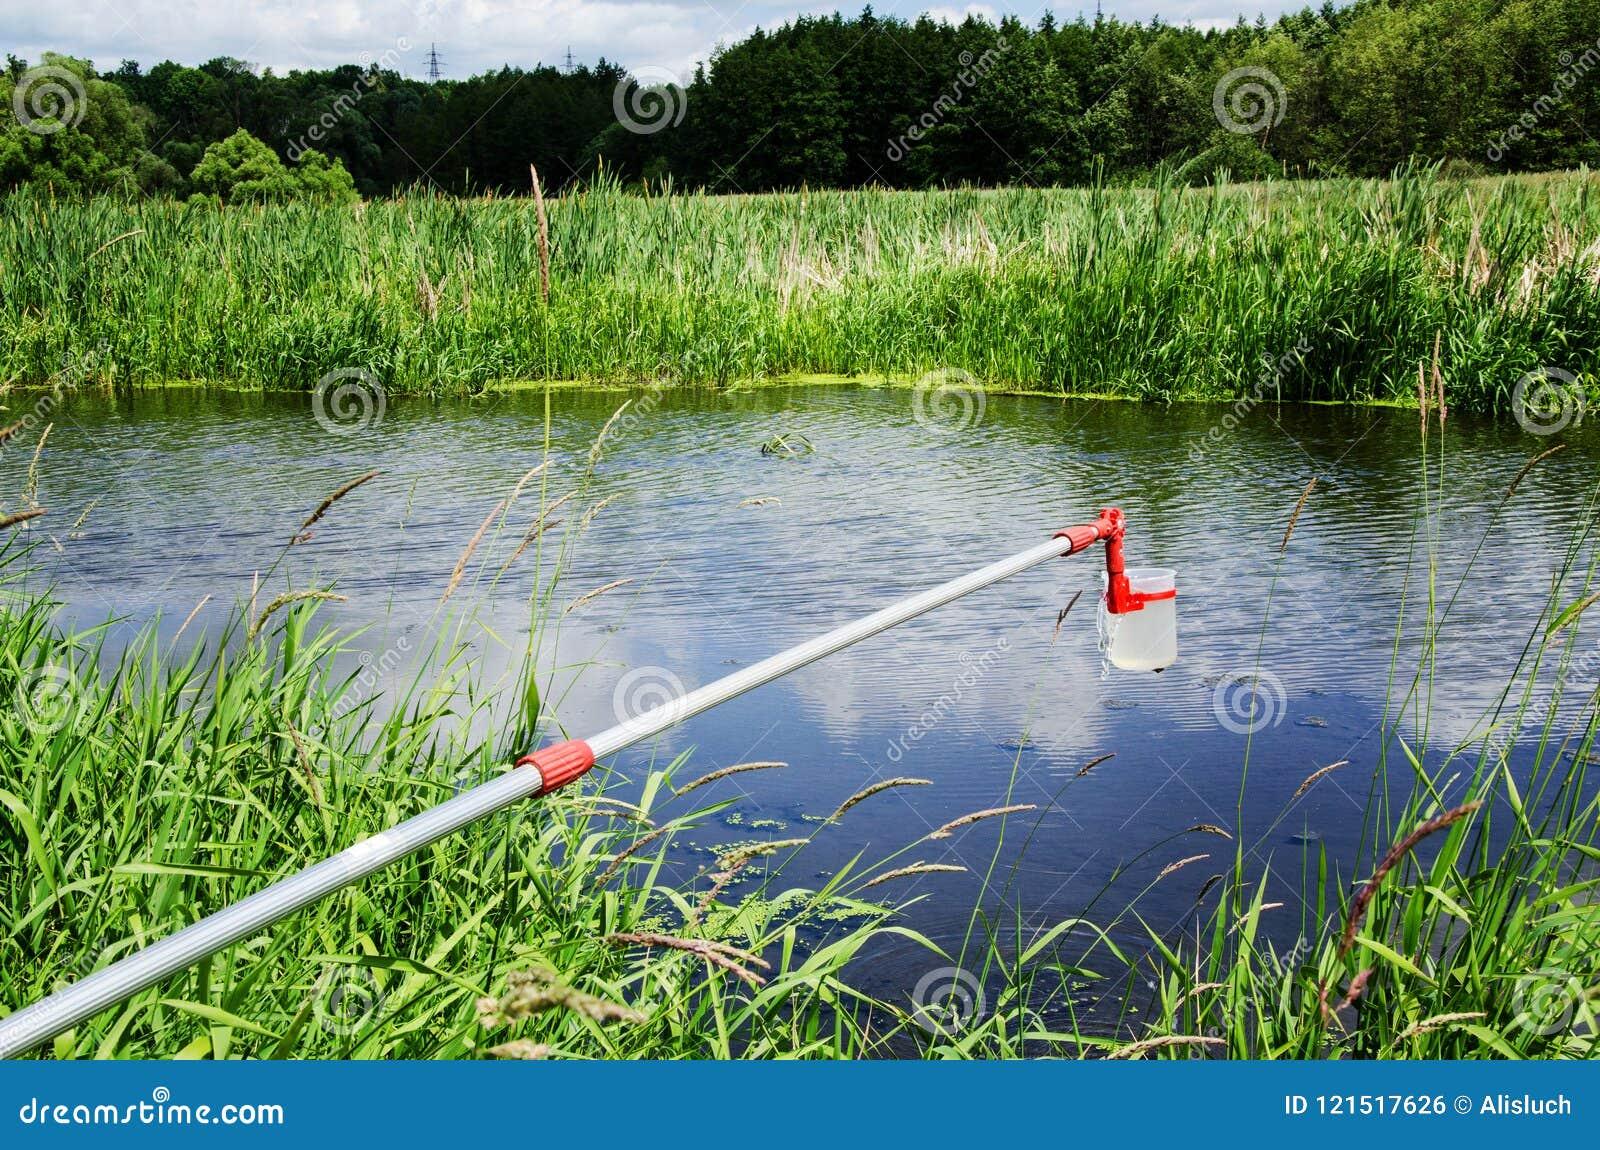 Wp8lywy próbki woda dla laborancki testowanie Pojęcie - analiza wodna czystość, środowisko, ekologia